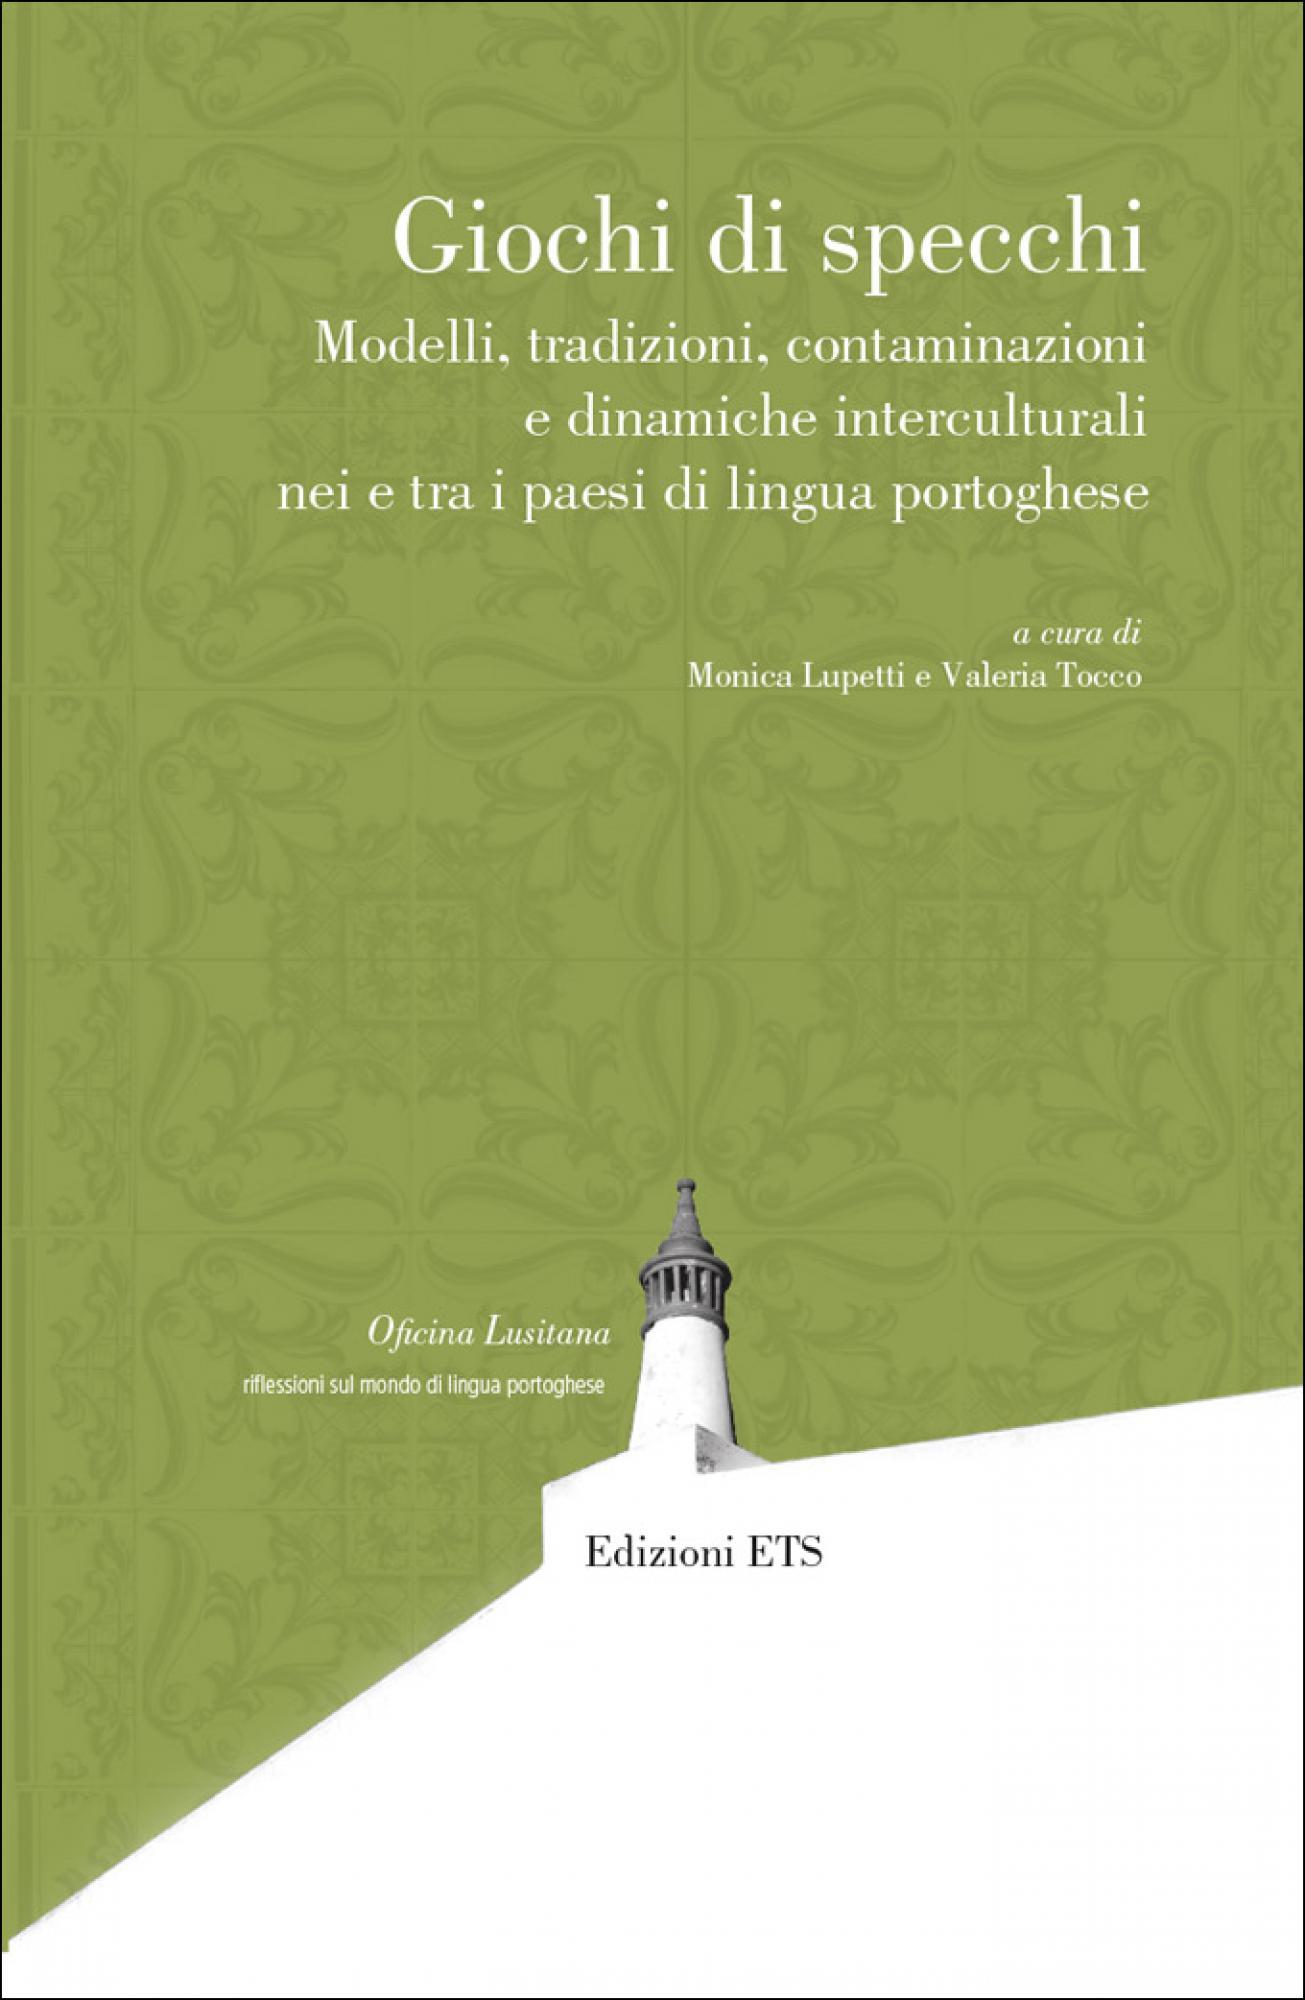 Giochi di specchi.Modelli, tradizioni, contaminazionie dinamiche interculturalinei e tra i paesi di lingua portoghese